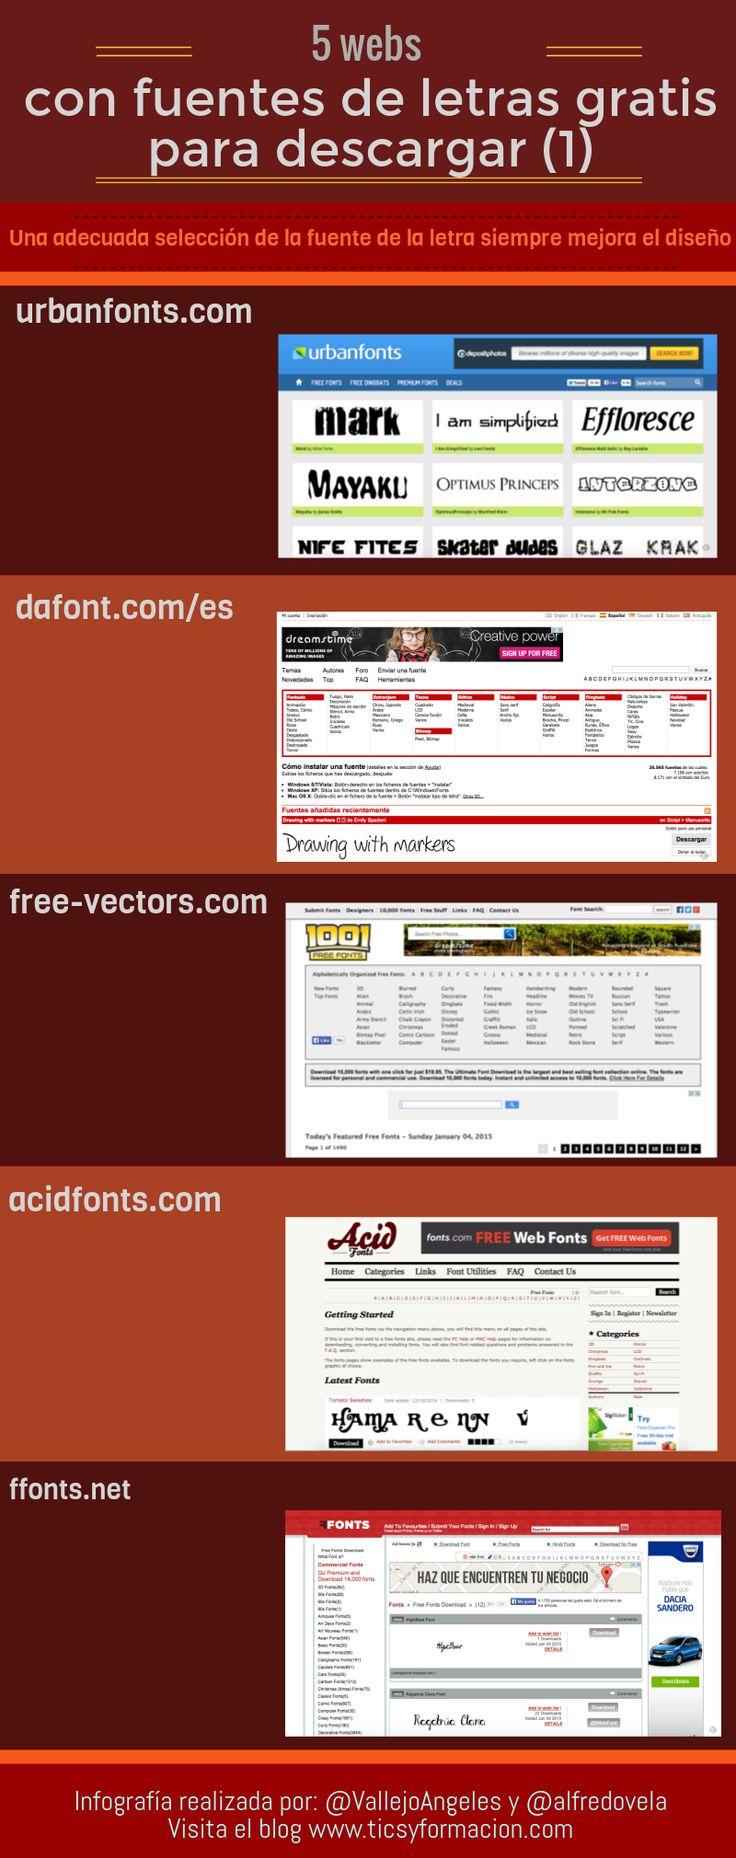 5 webs con fuentes de letras gratis (1) #infografia #infographic #design vía ticsyformacion.com